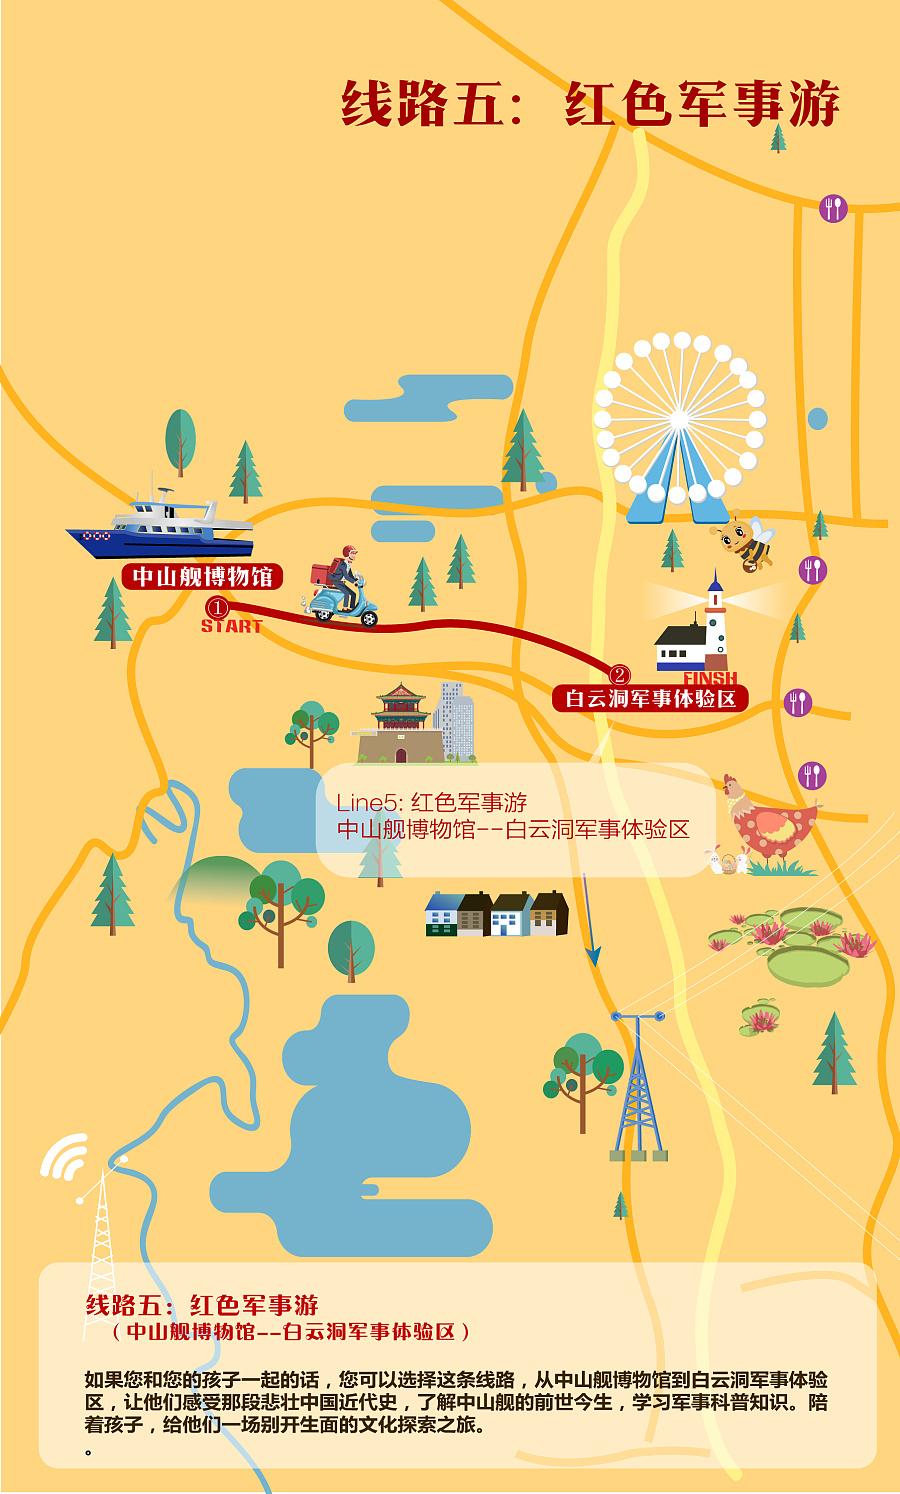 武汉电视台江夏道路旅游项目地图绘制(二)终稿乡村三岔口景观设计图片